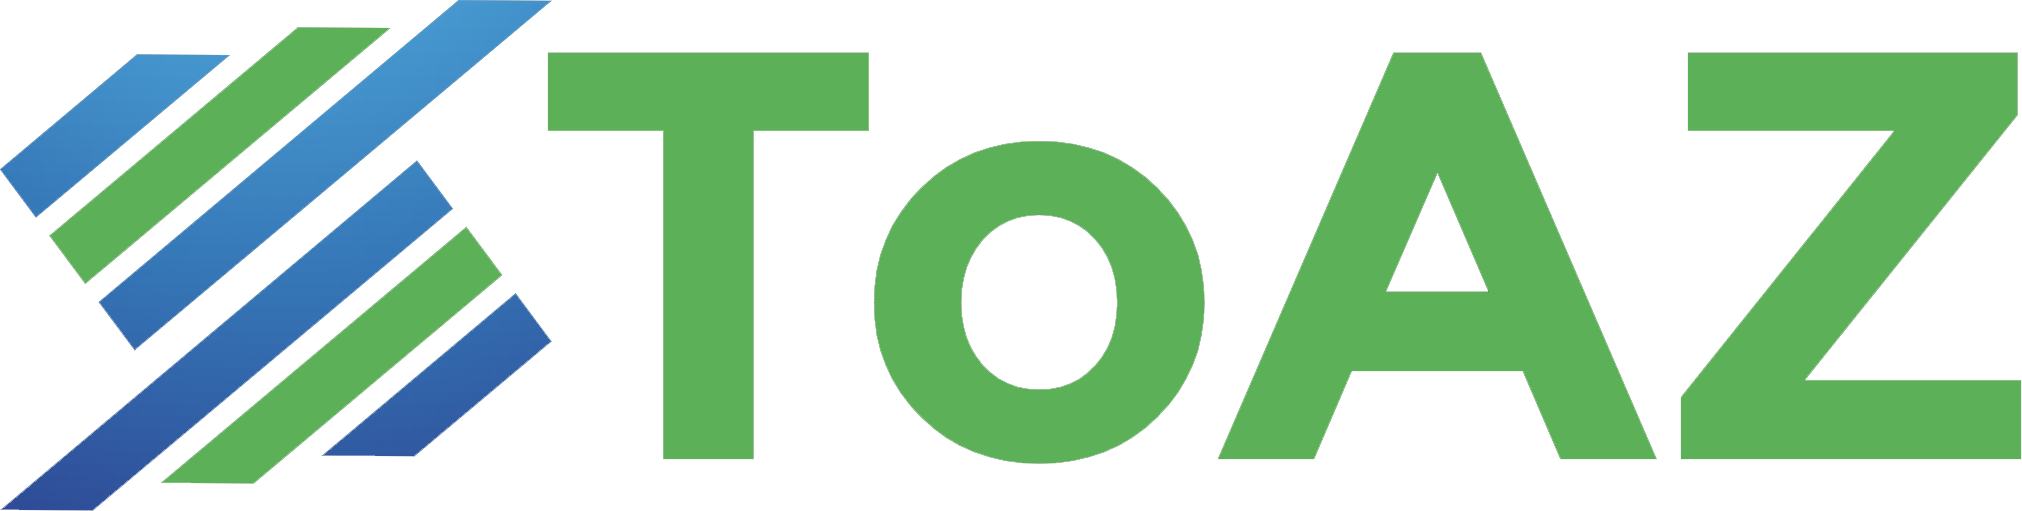 toaz.info logo